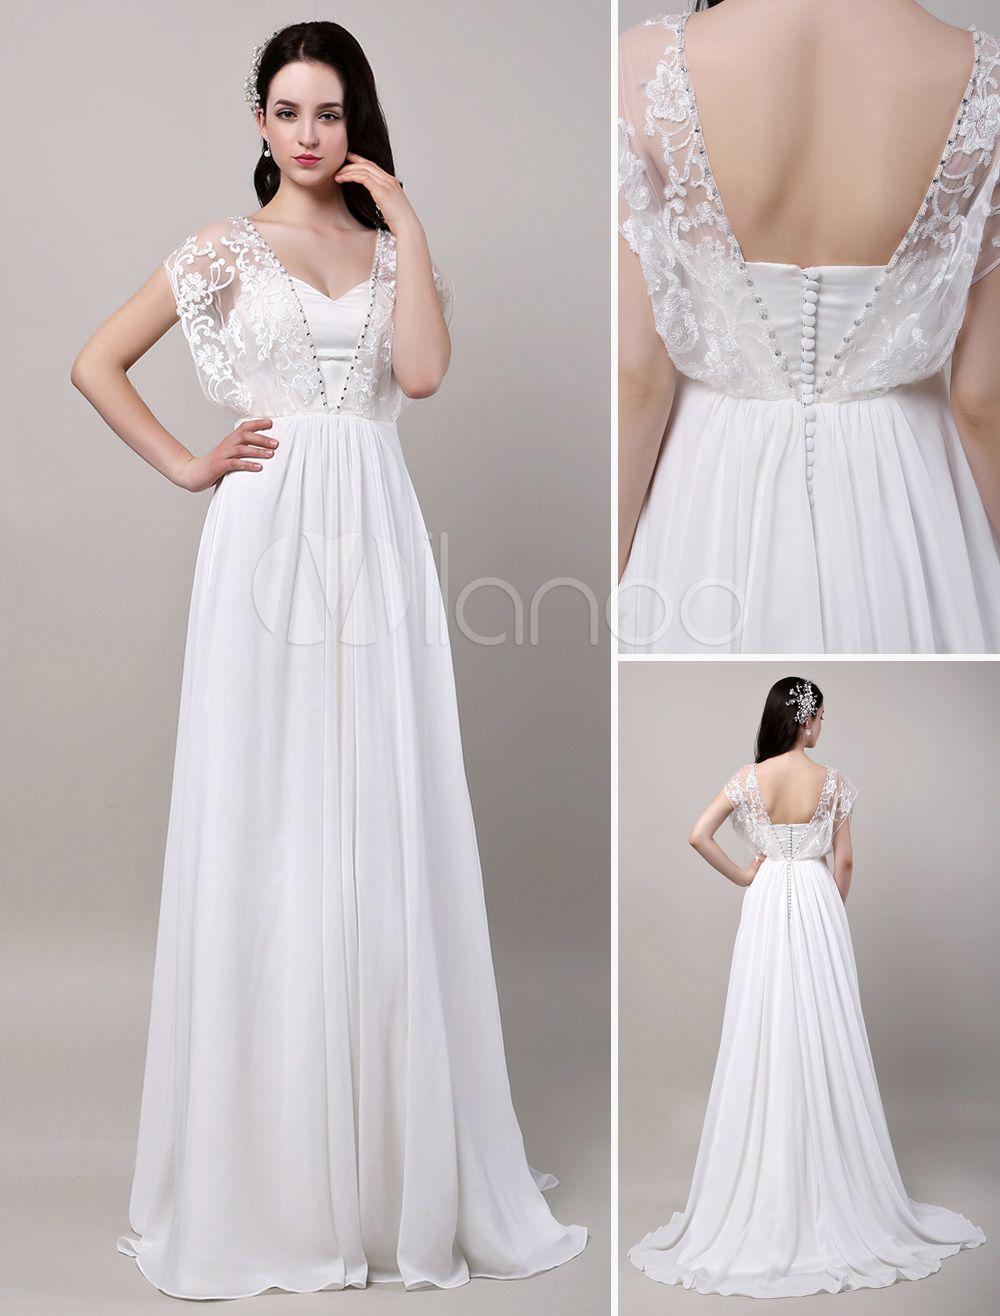 1930s style wedding dresses  Fantastisches ALinieBrautkleid aus Chiffon mit HerzAusschnitt und